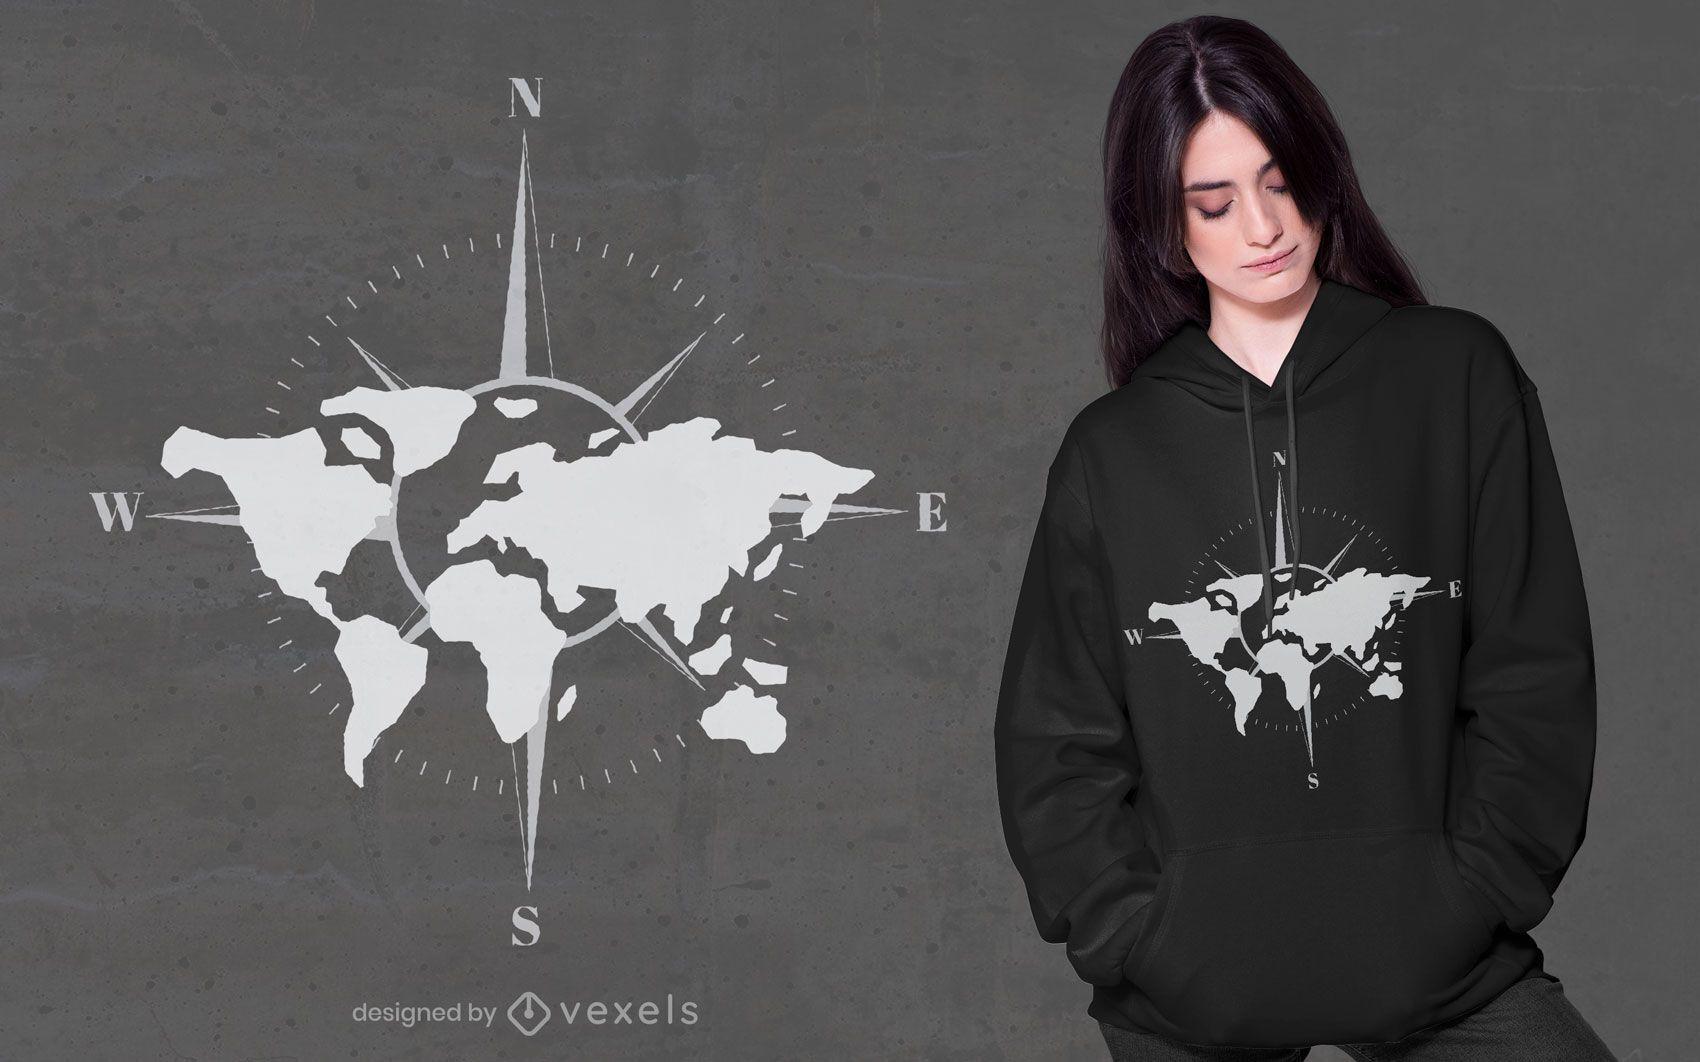 Dise?o de camiseta de br?jula de mapa mundial